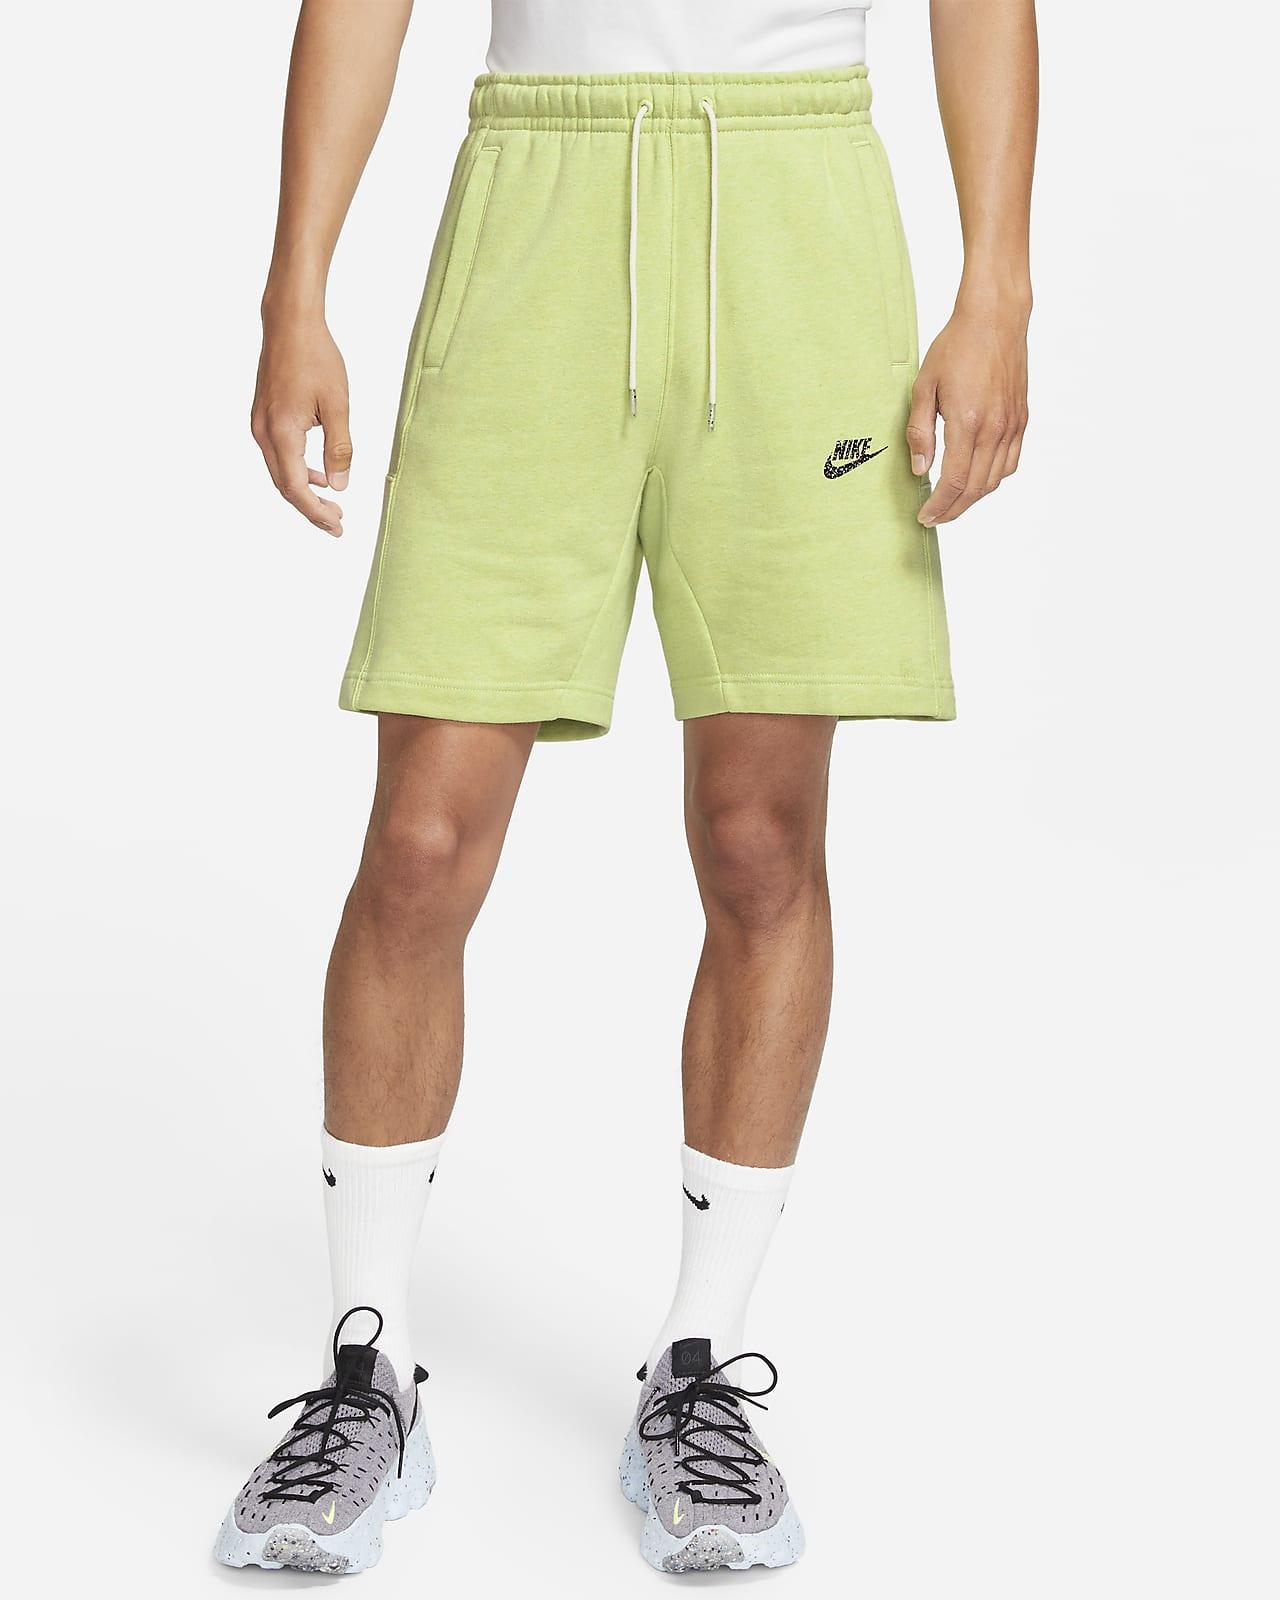 ナイキ スポーツウェア スポーツ エッセンシャル+ メンズ セミブラッシュド ショートパンツ